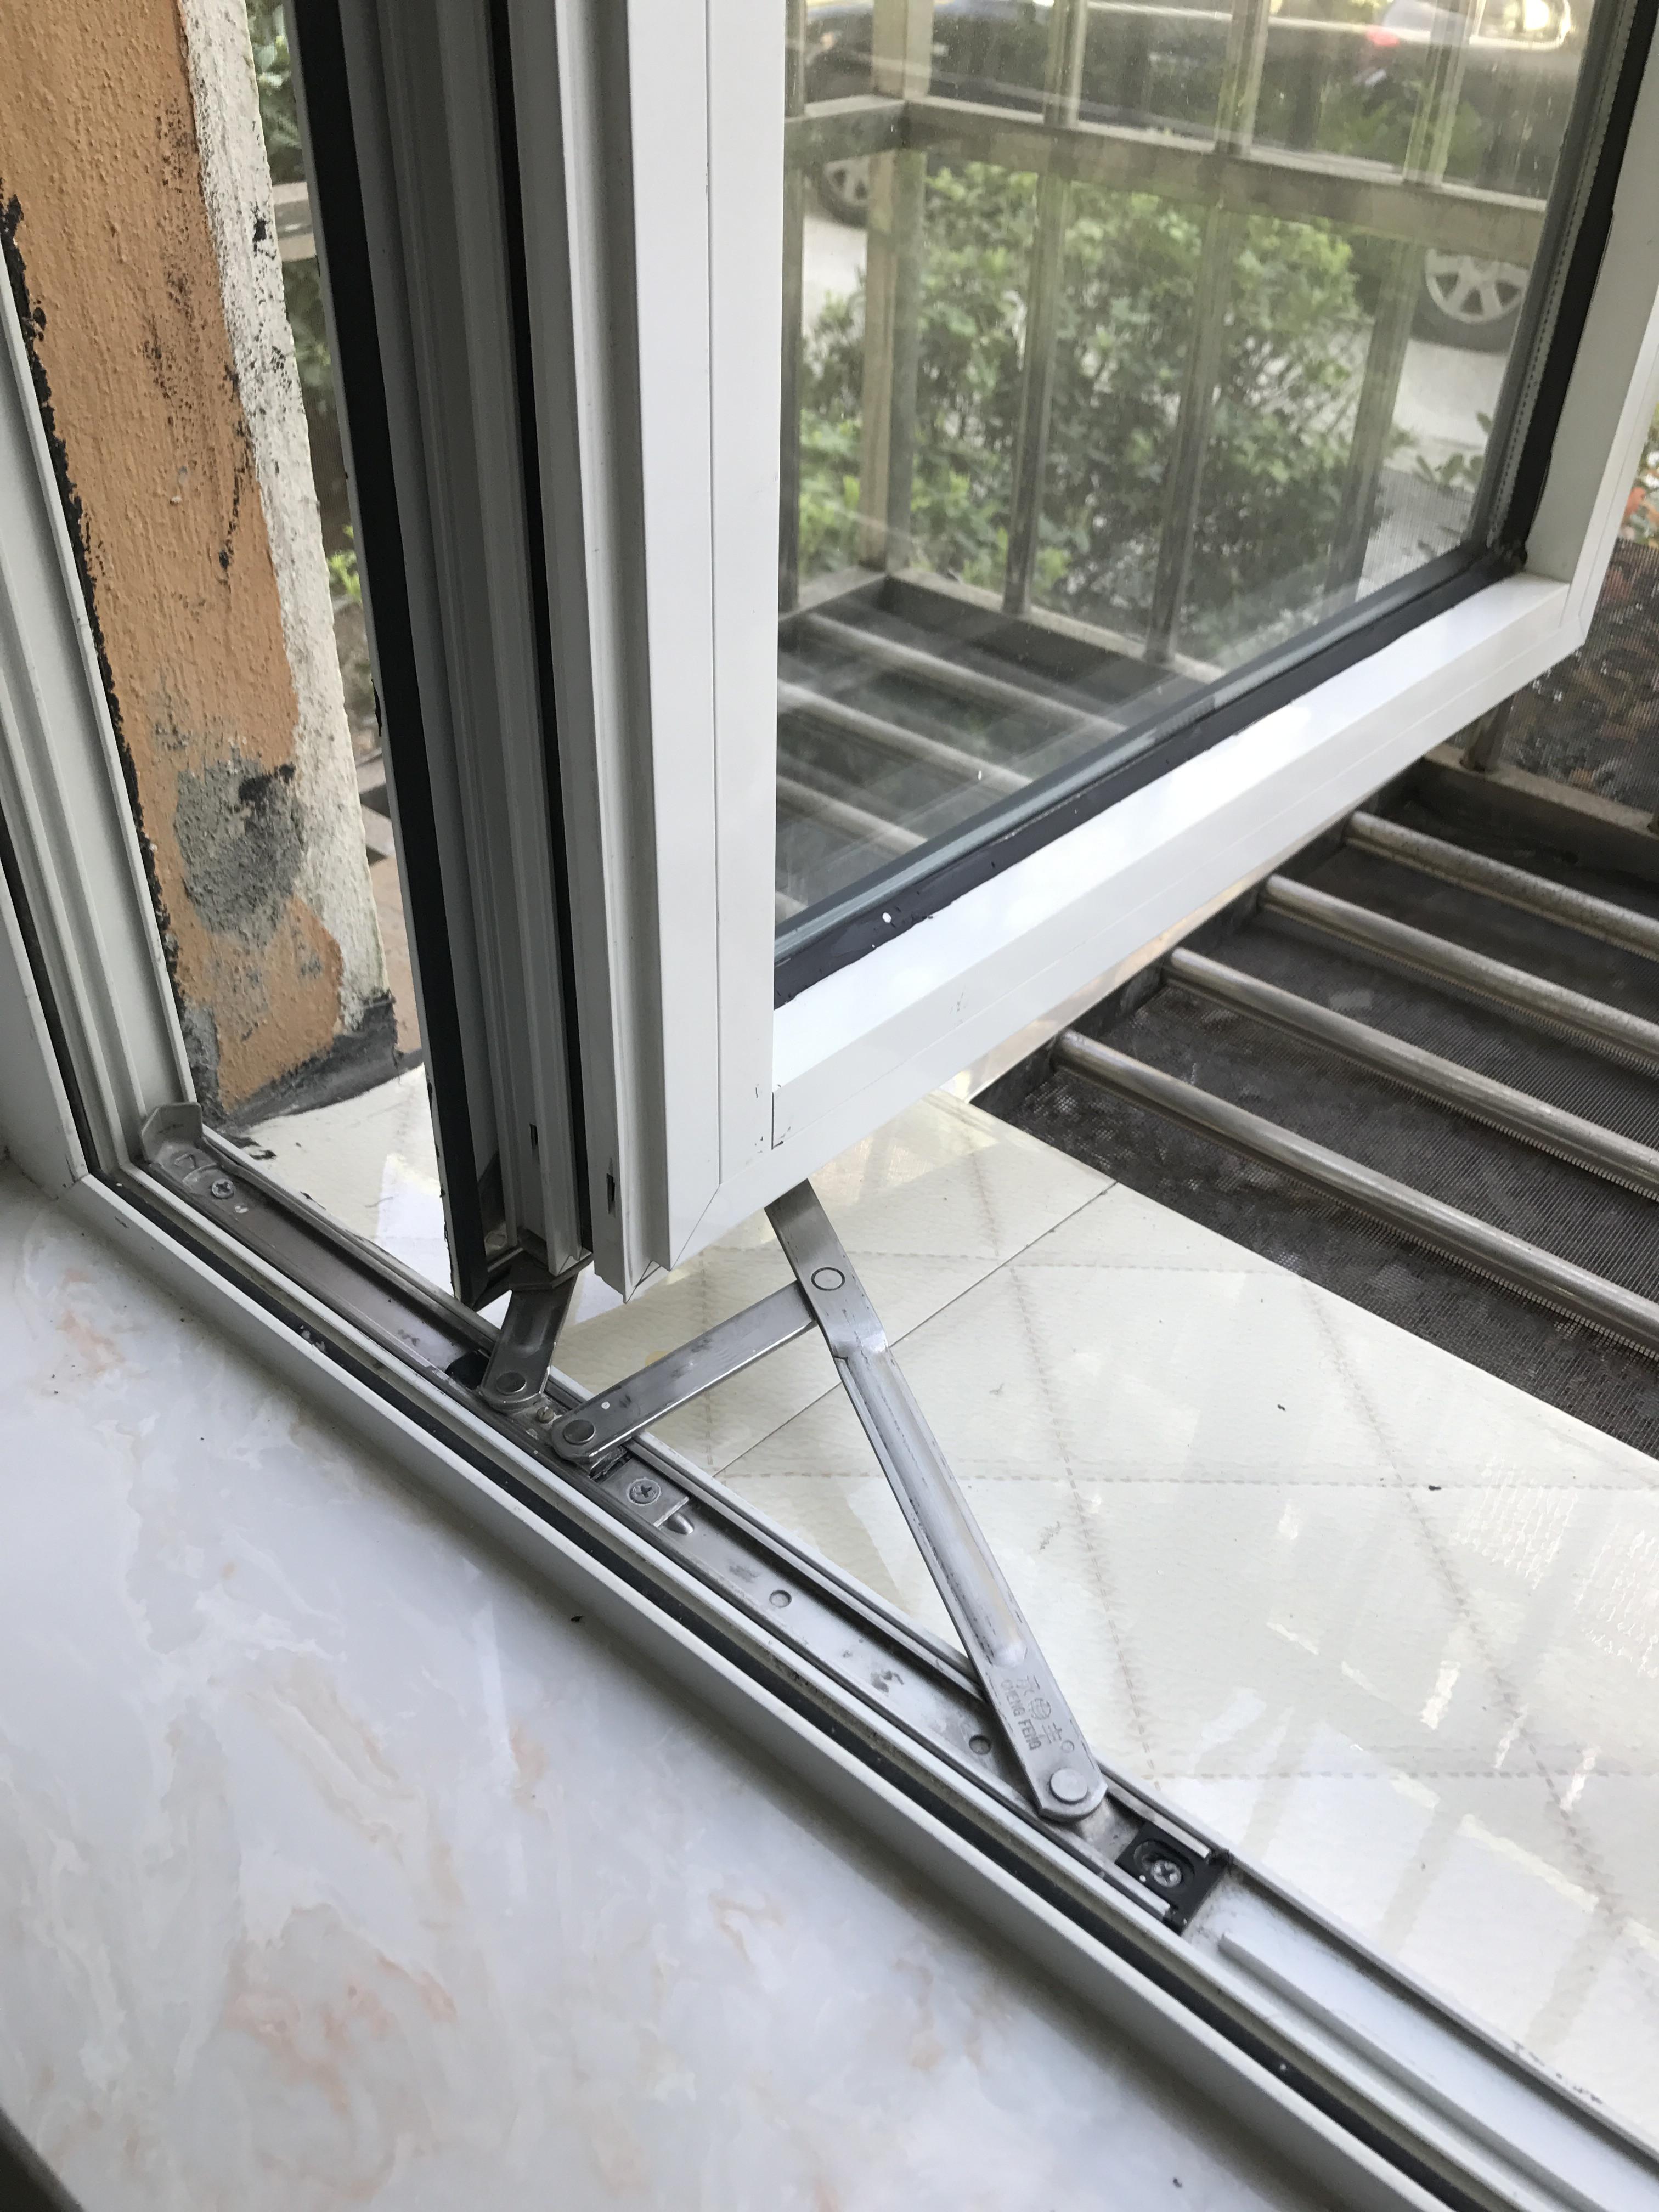 Aluminium - Fenster - Rahmen stecken Edelstahl - Seite unterstützung kunststoff - Fenster vier pleuel reibung.